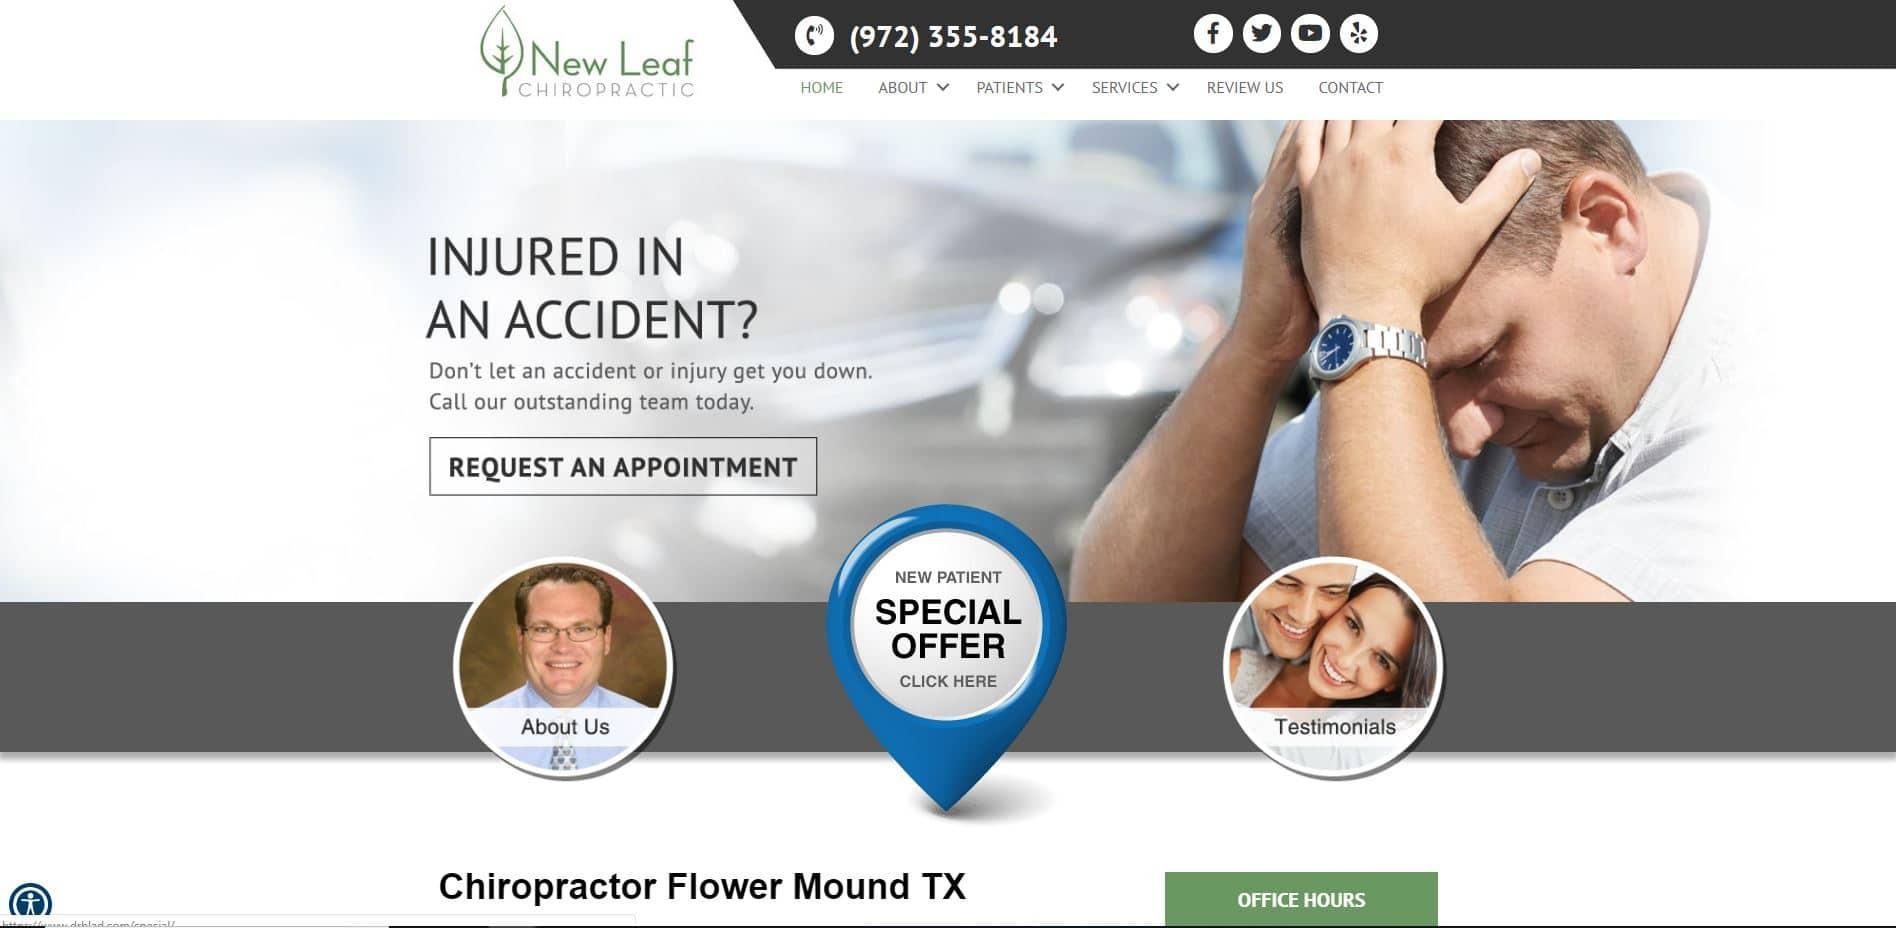 Chiropractor in Flower Mound